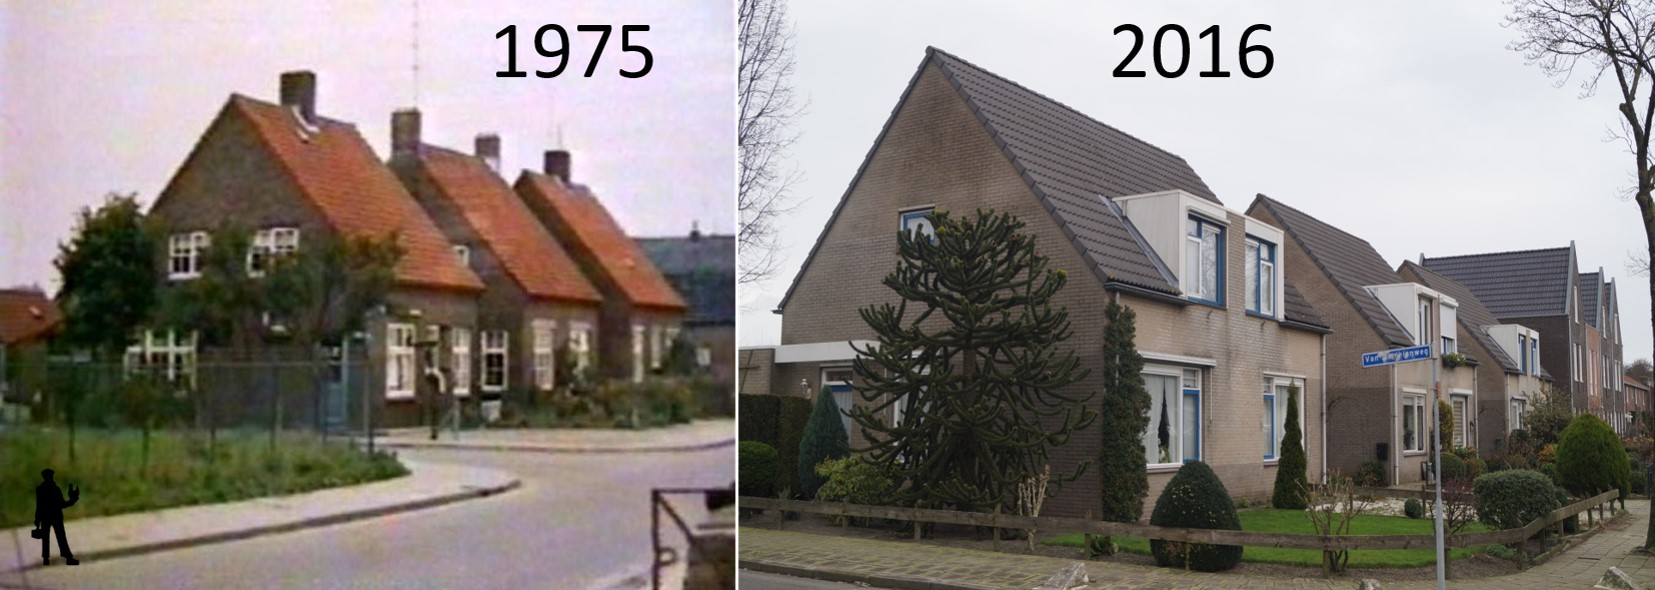 nieuweweg-1975-2016